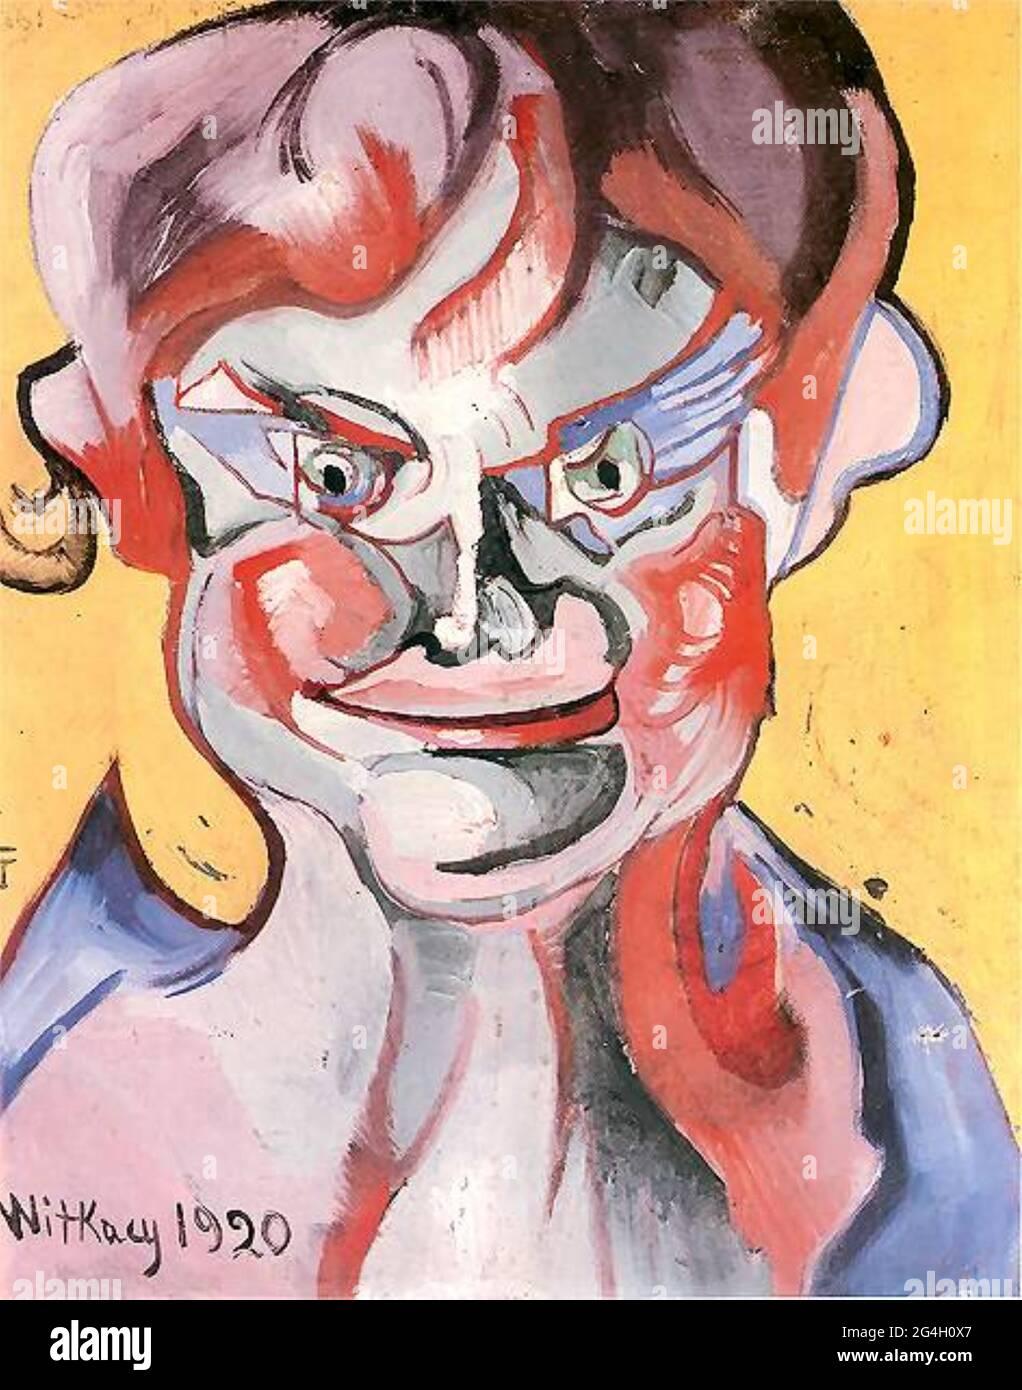 Stanisław Ignacy Witkiewicz artwork entitled Śmiejący Się Chłopiec or Laughing Boy. Stock Photo